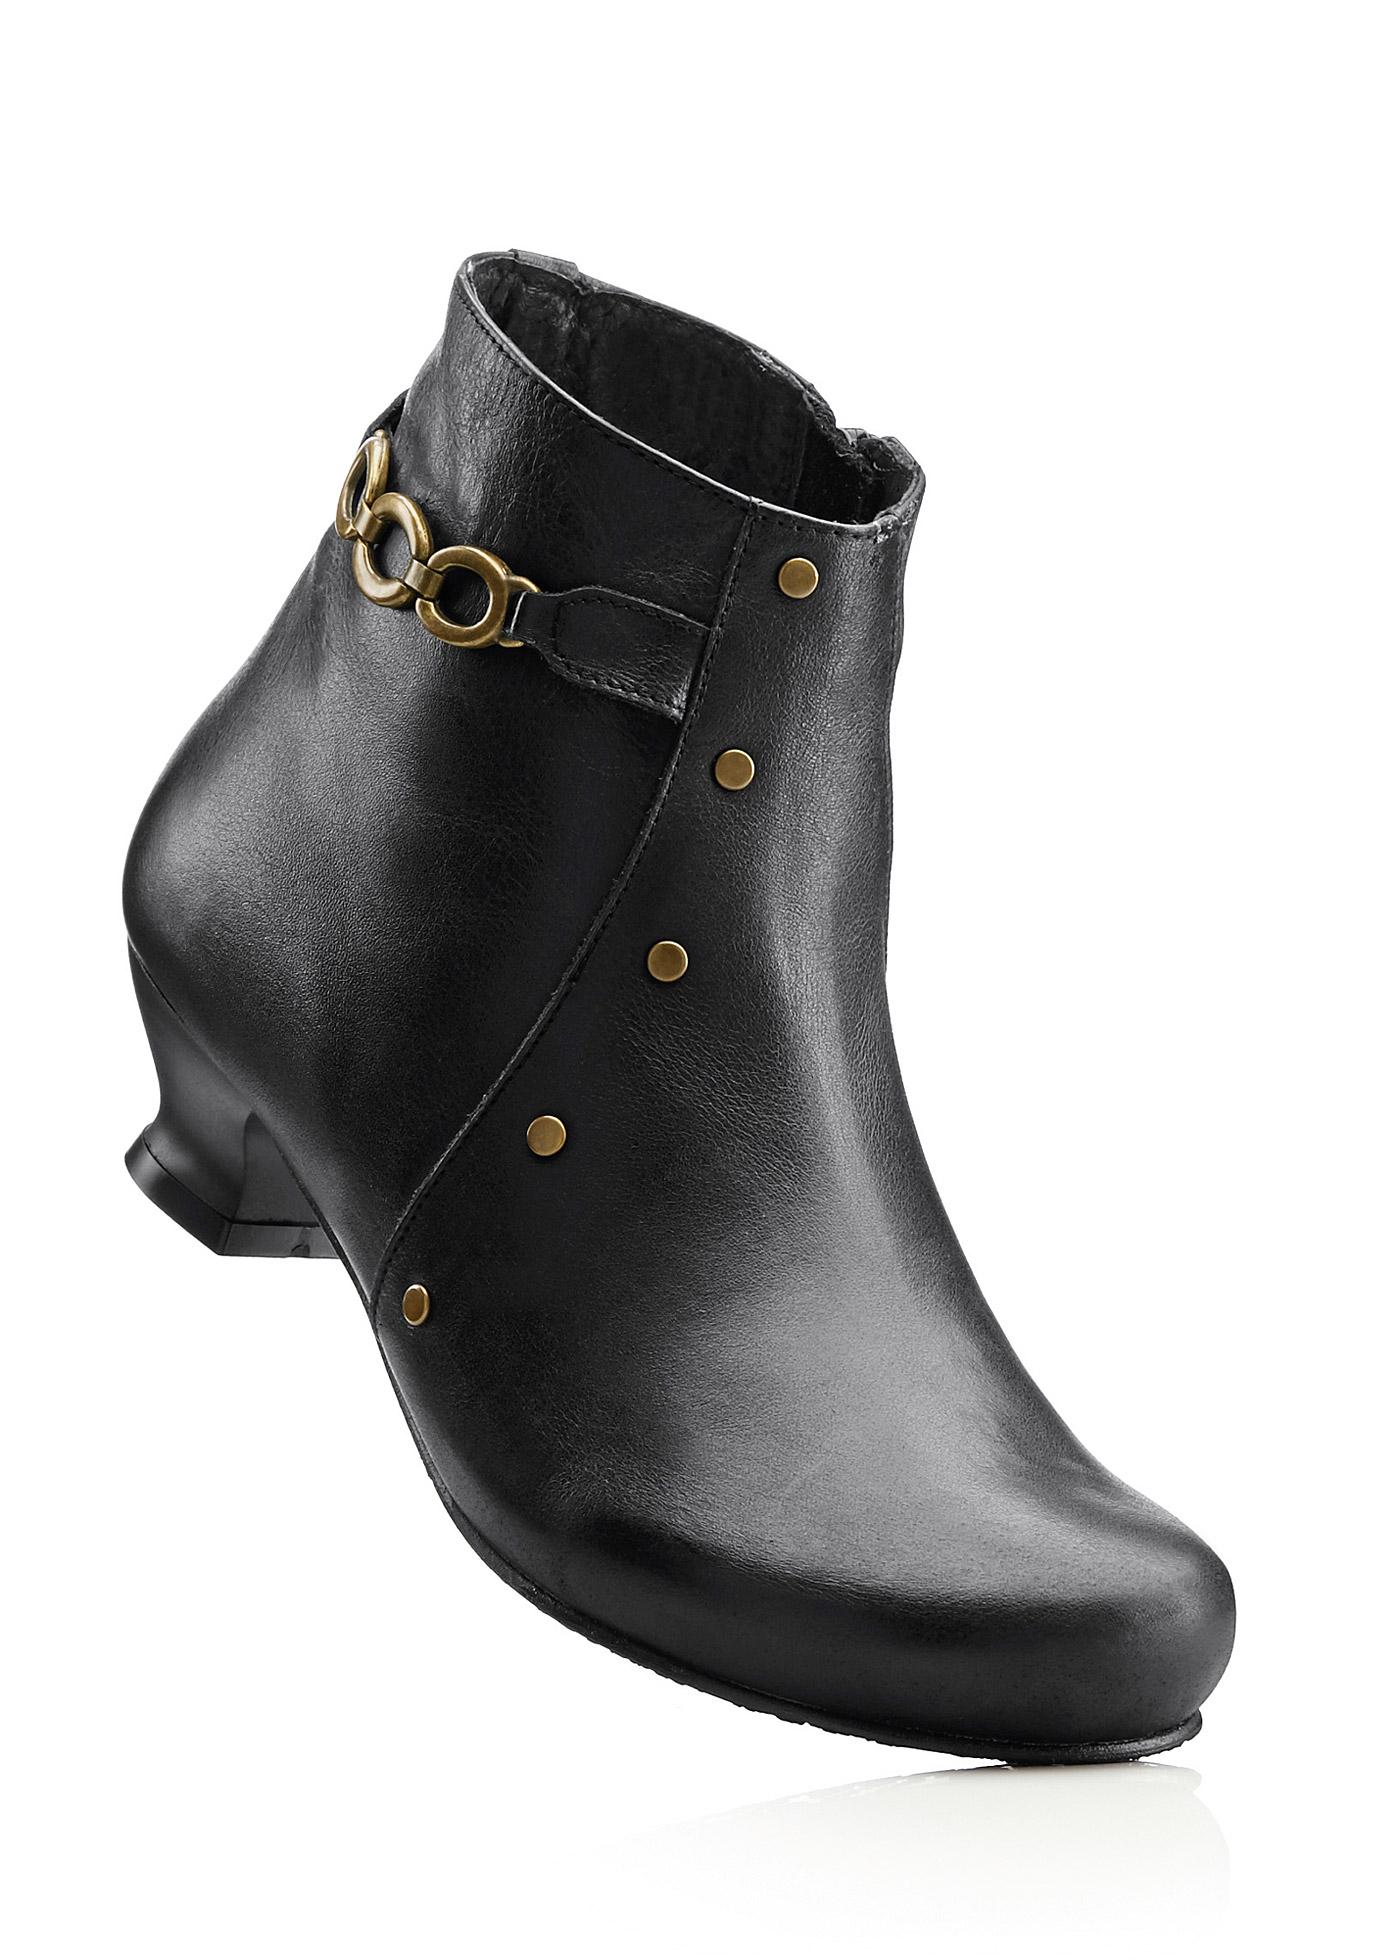 BioStep Lederstiefelette mit 4 cm Trichterabsatz in schwarz von bonprix Schuhe und Accessoires > Damenschuhe > Bequemschuhe